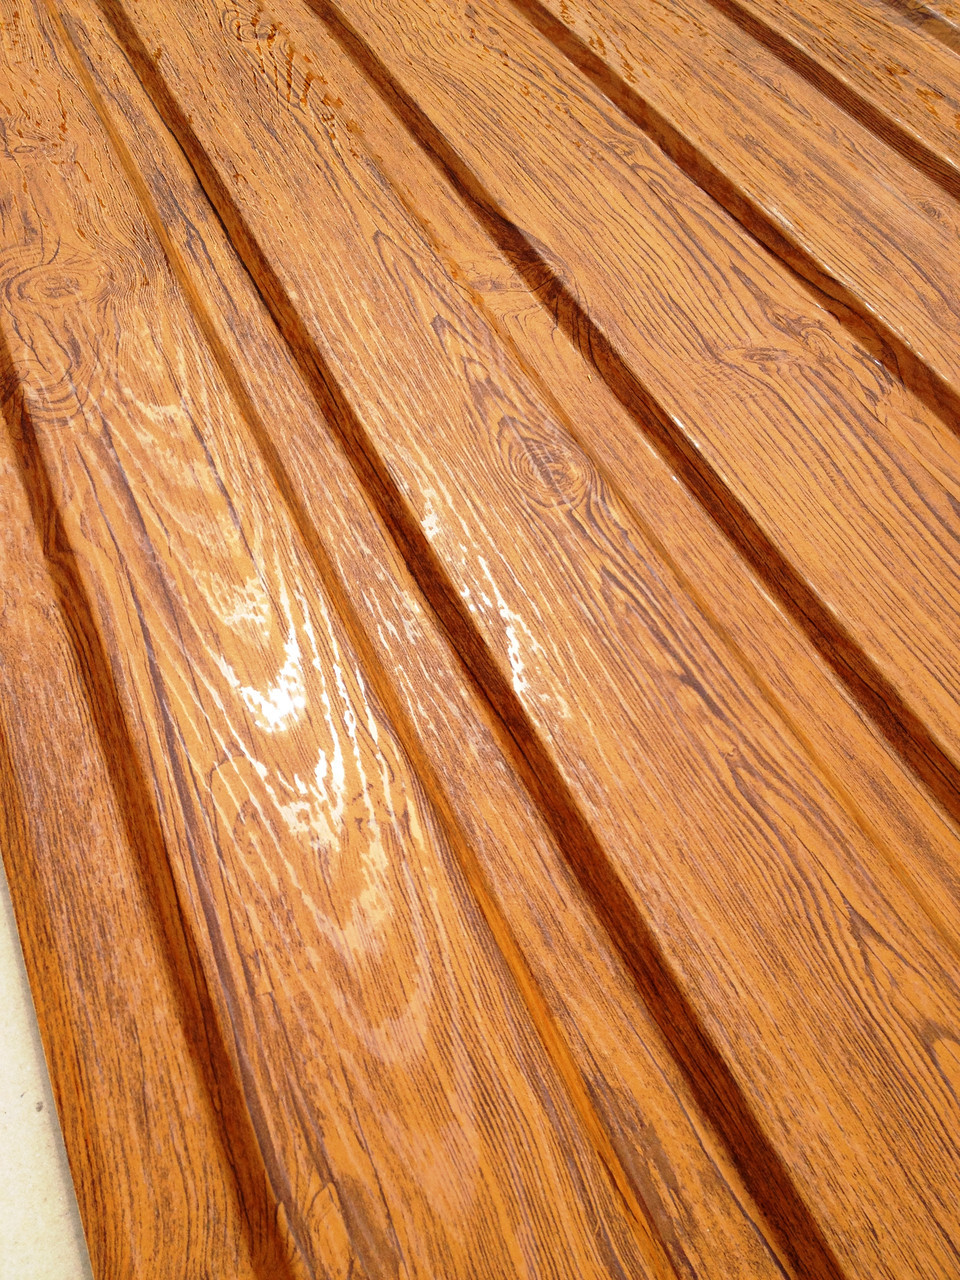 Профнастил с объемным рисунком  дерева 3D wood3701-01/8003, размер листа 1,5мХ1,16м